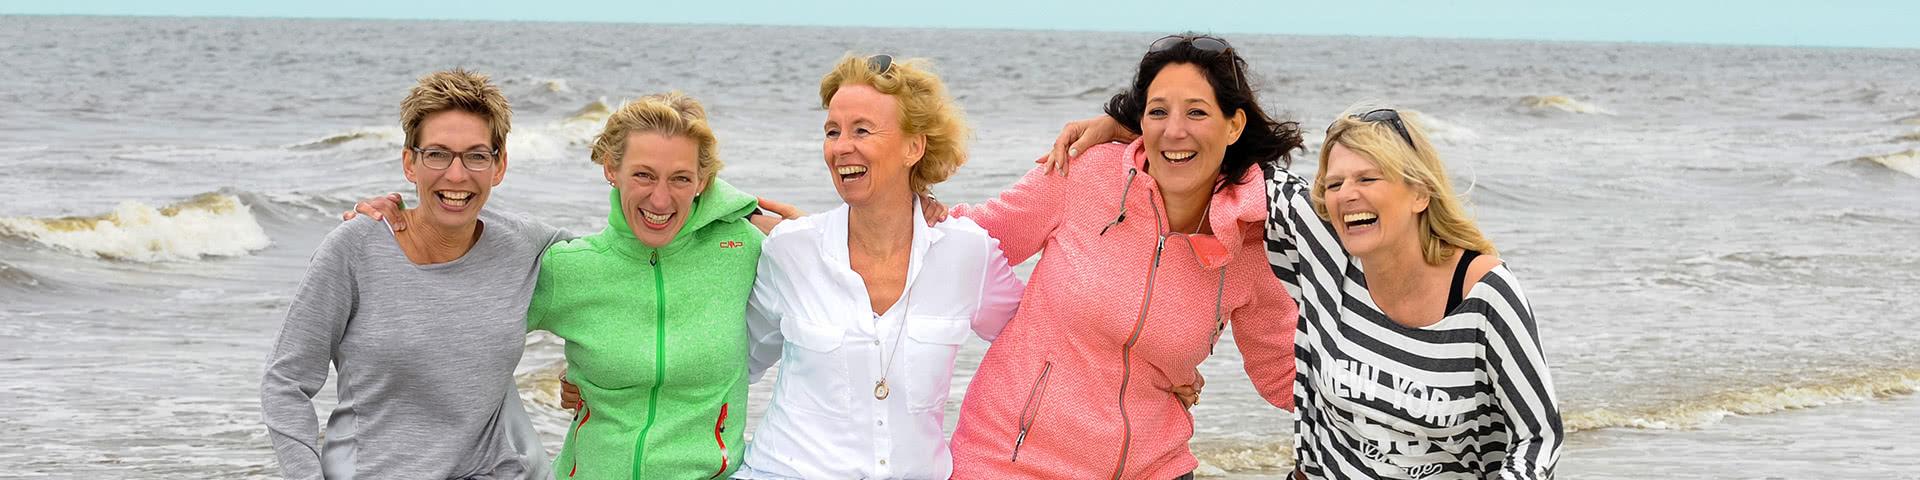 Gut gelaunte Frauengruppe steht am Meer auf Norderney